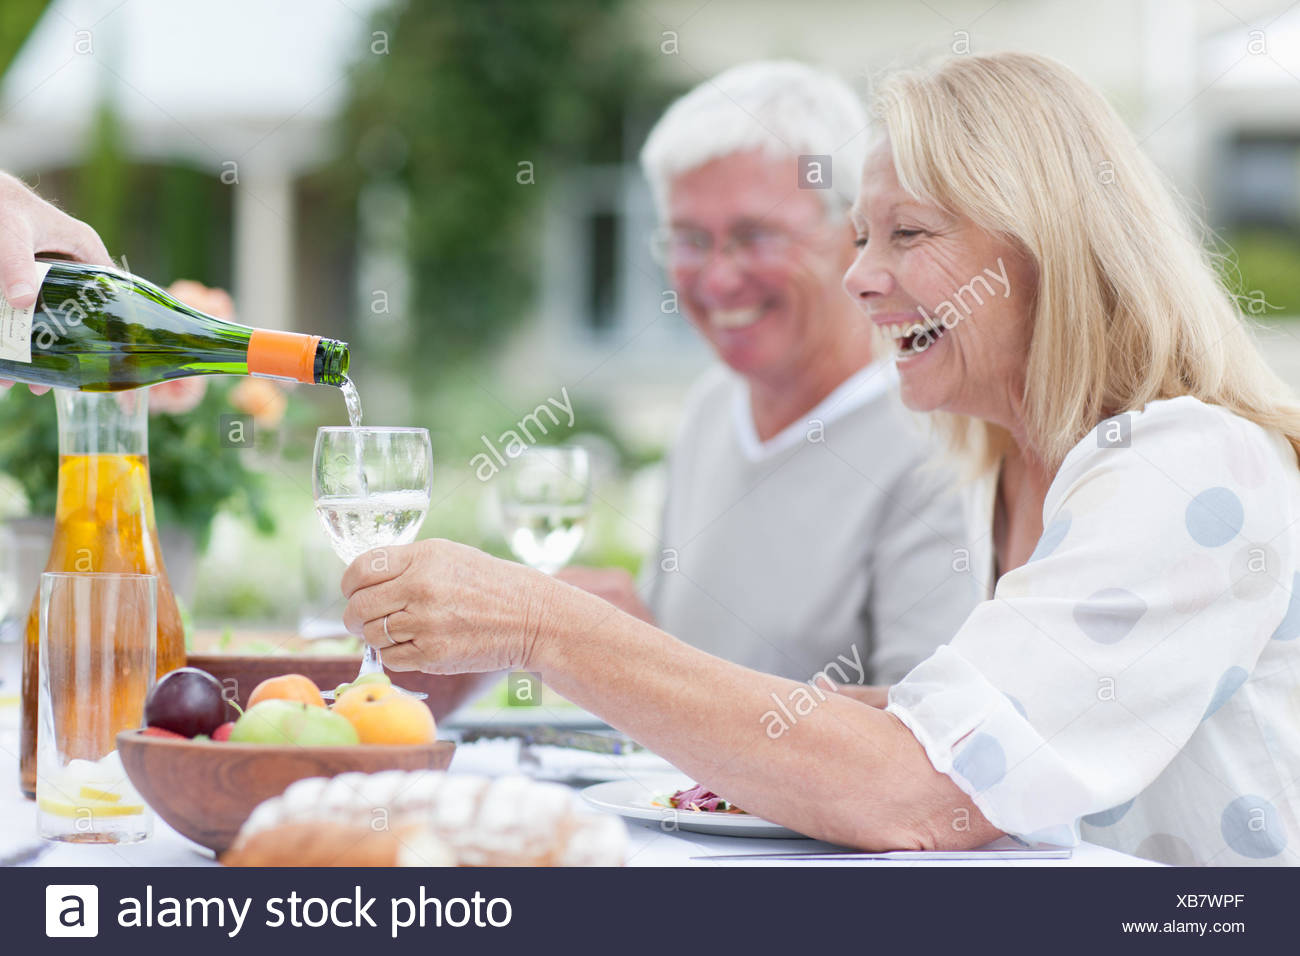 Los adultos mayores disfrutando del vino en la mesa del patio Imagen De Stock